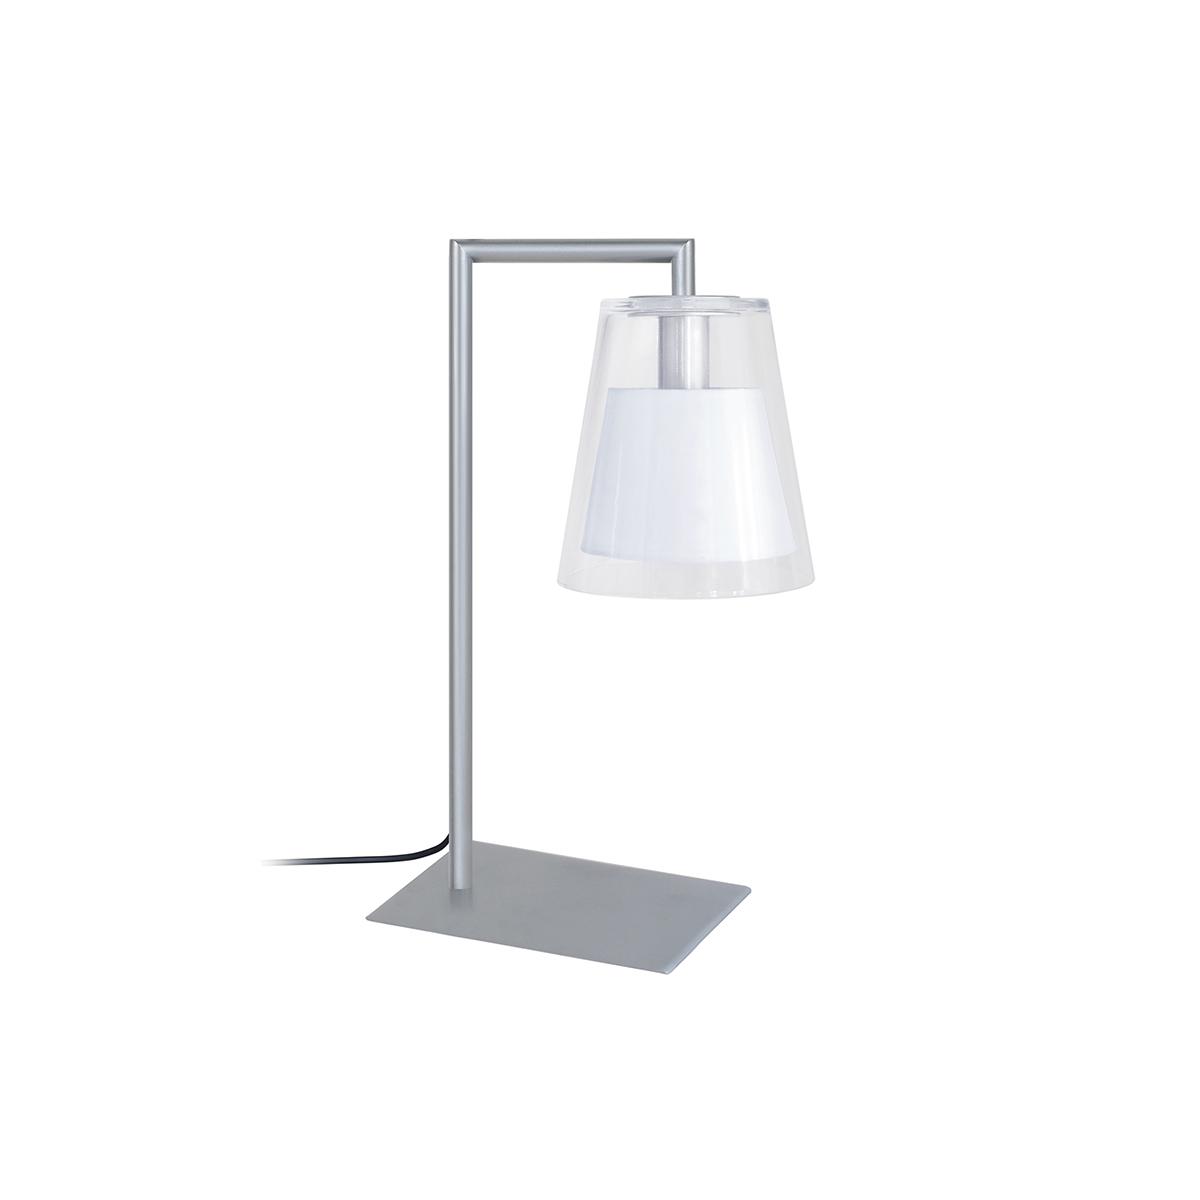 Lampada da tavolo design in vetro e metallo Bianco ACROSS